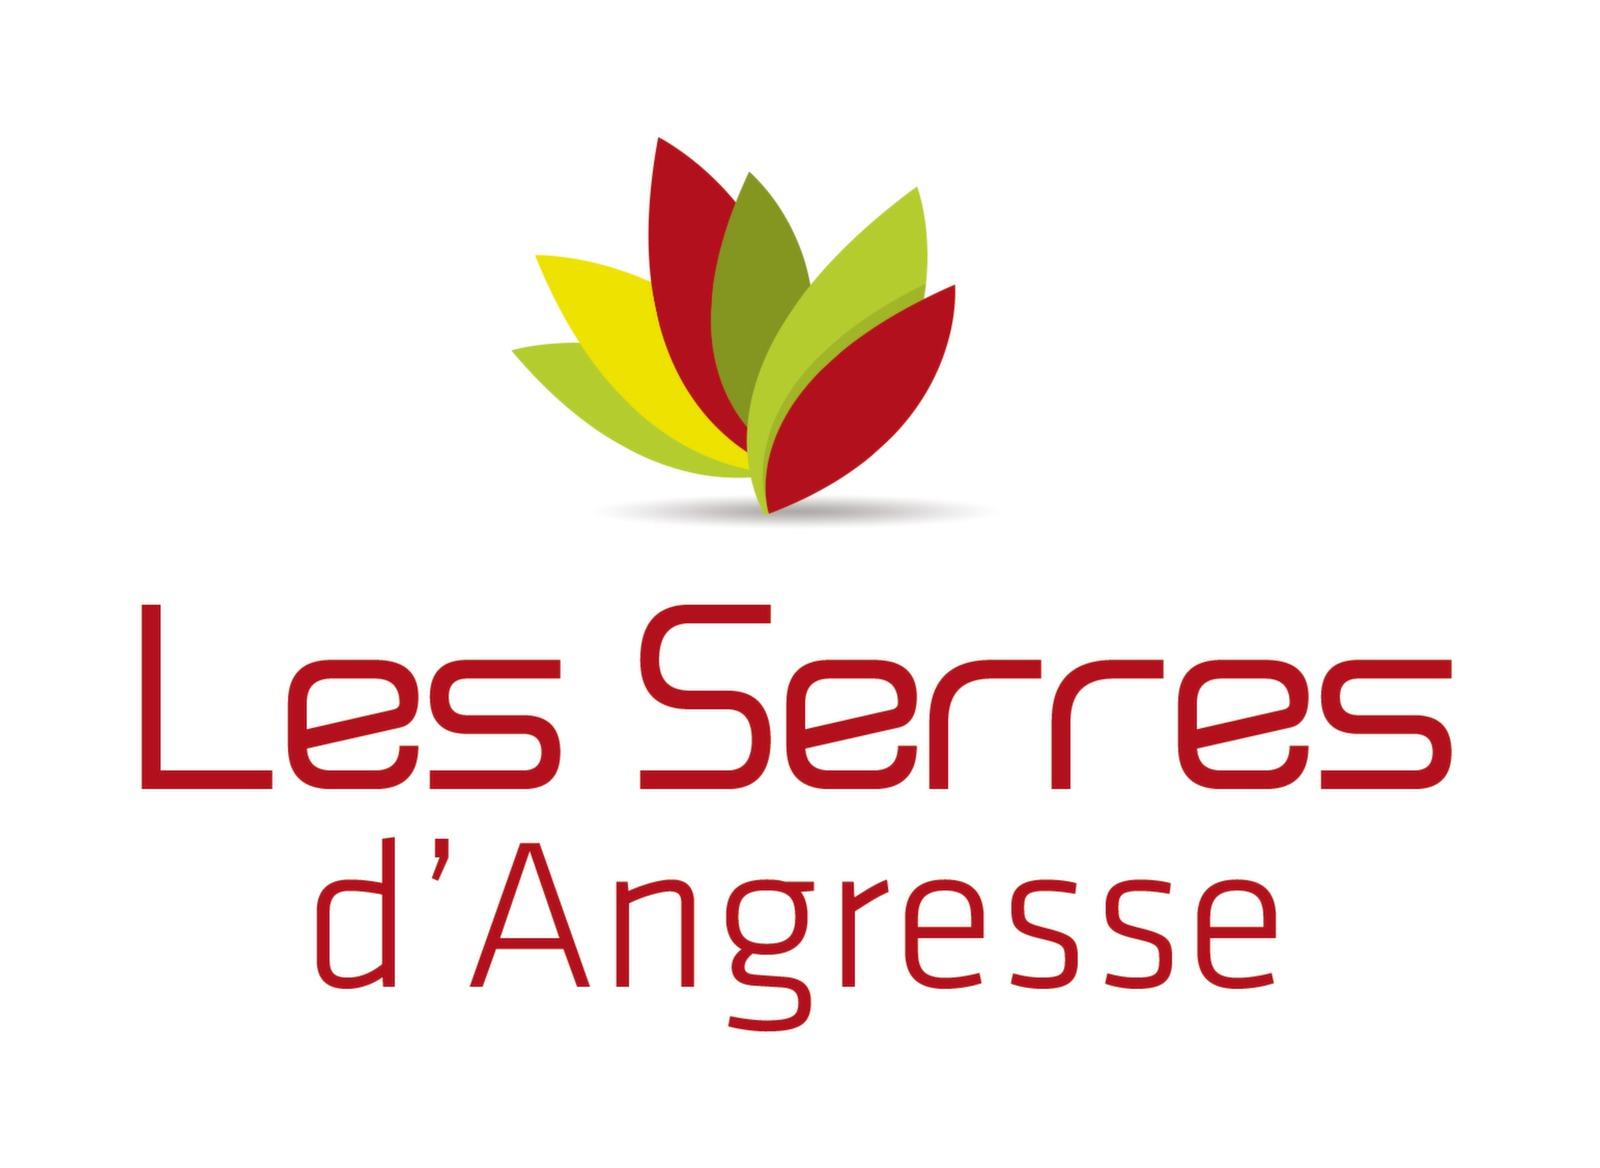 LES SERRES D'ANGRESSE